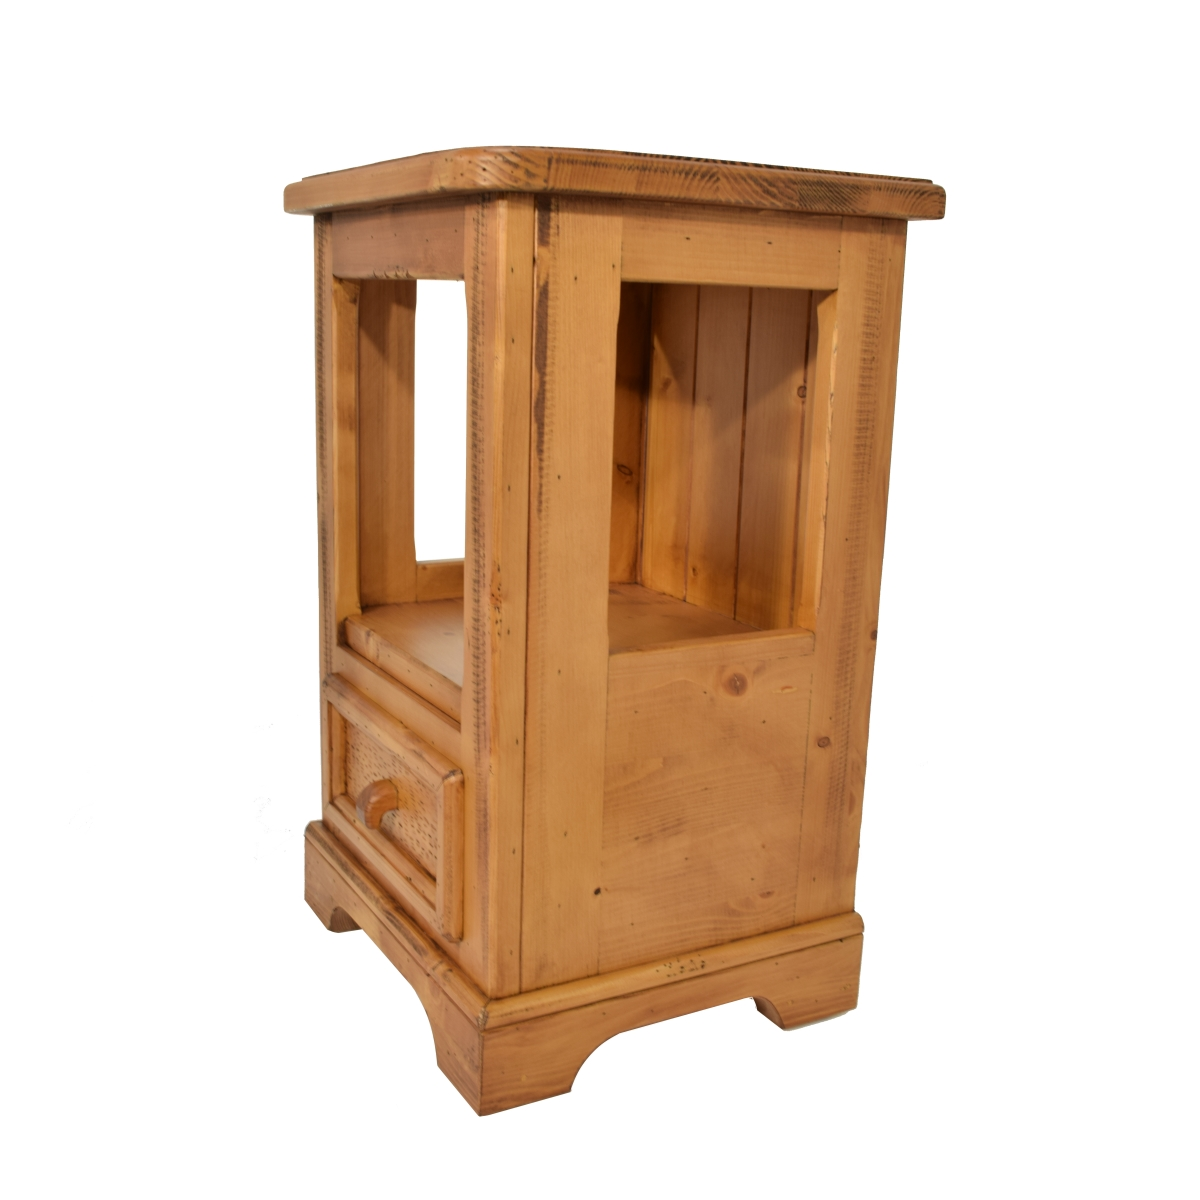 Mesita noche rústica un cajón. Ecorústico: venta de muebles